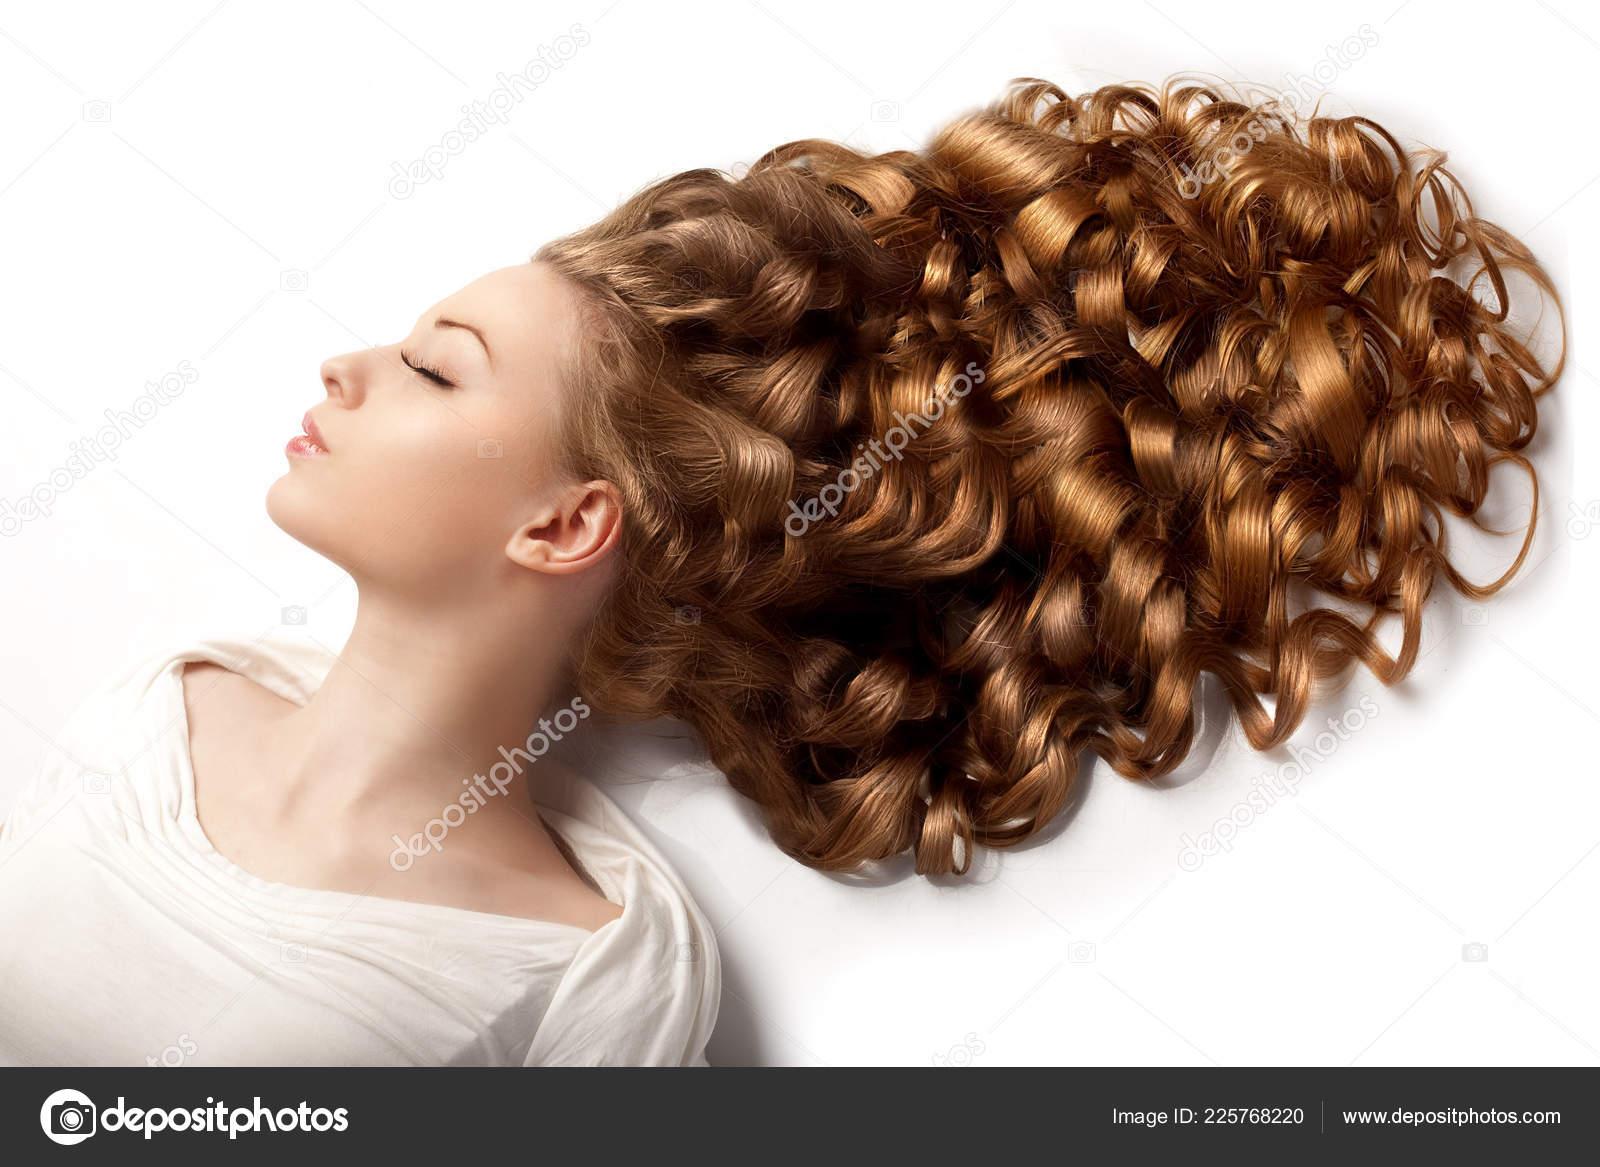 Lange Haare Wellen Locken Hochsteckfrisur Frisur Salon Mode Modell